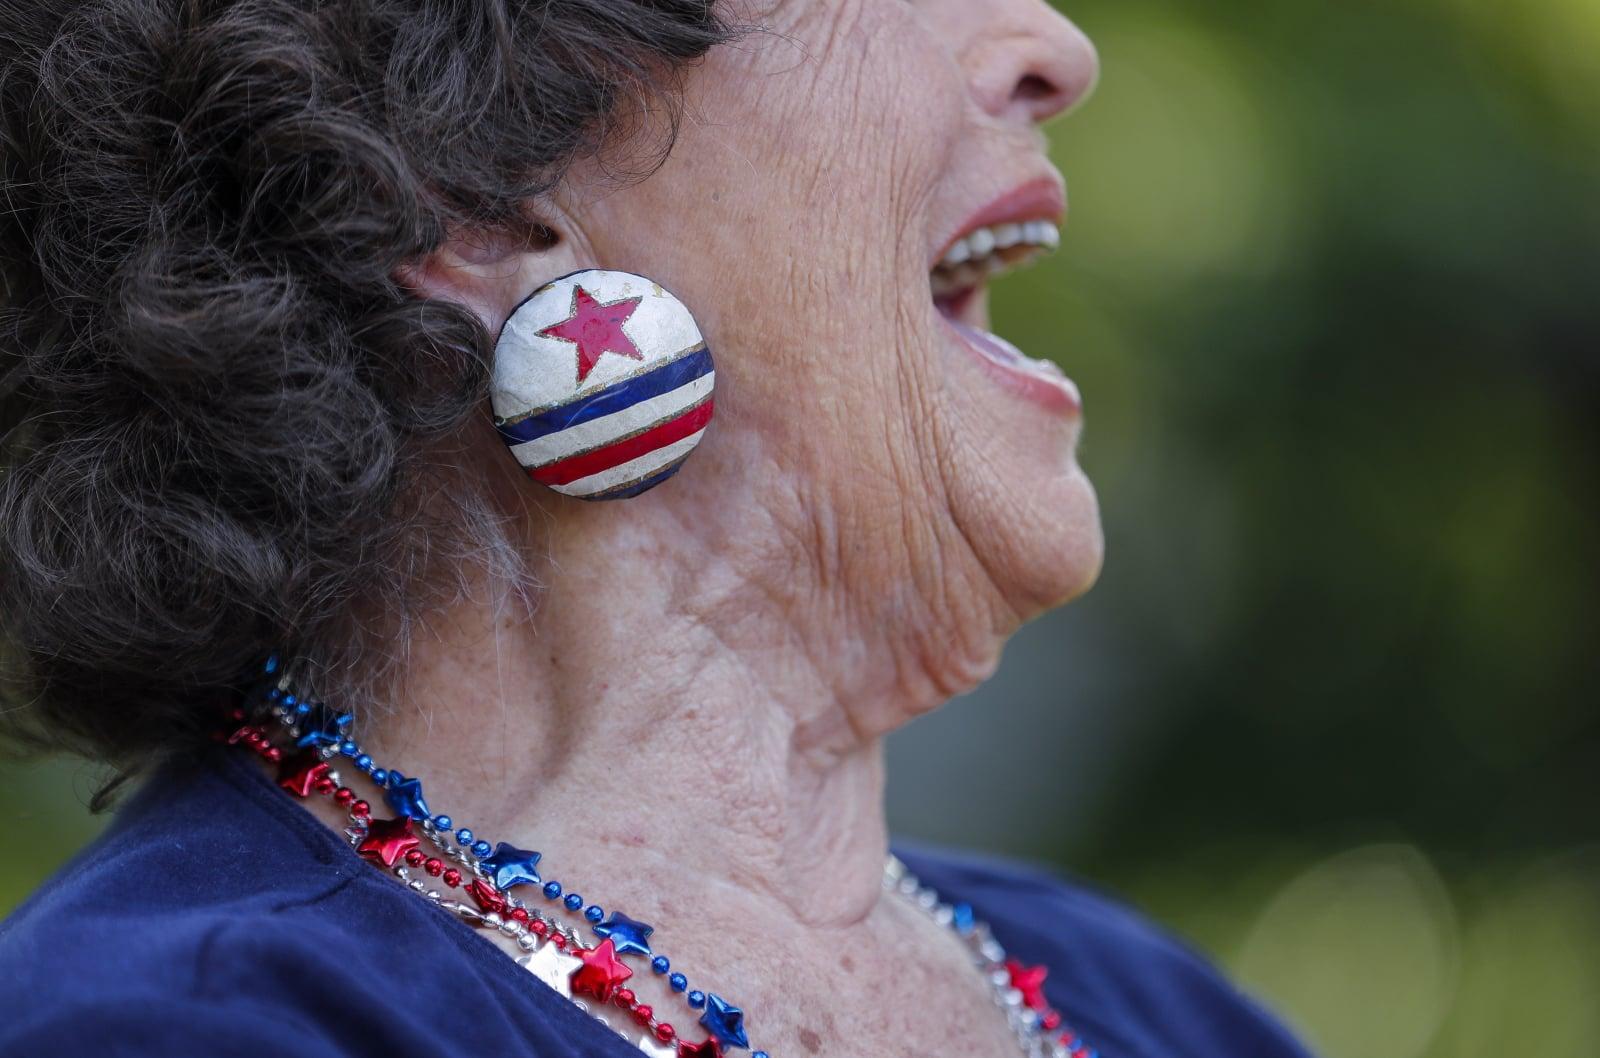 Dzień Niepodległości w USA EPA/ERIK S. LESSER